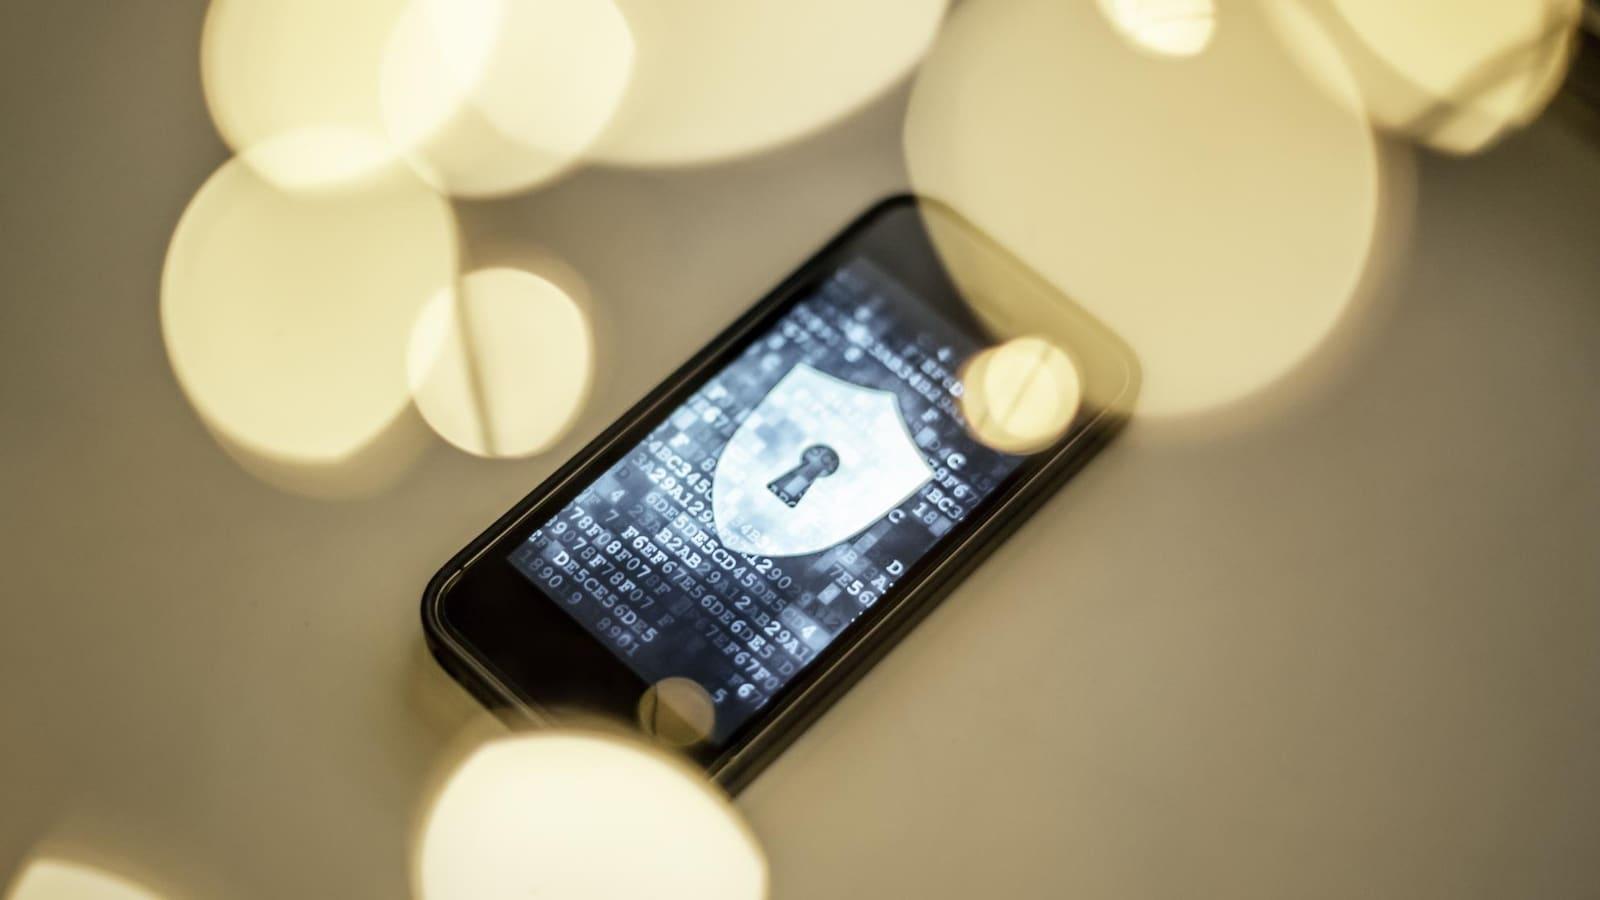 Un cellulaire affiche un bouclier muni d'une serrure de sécurité.